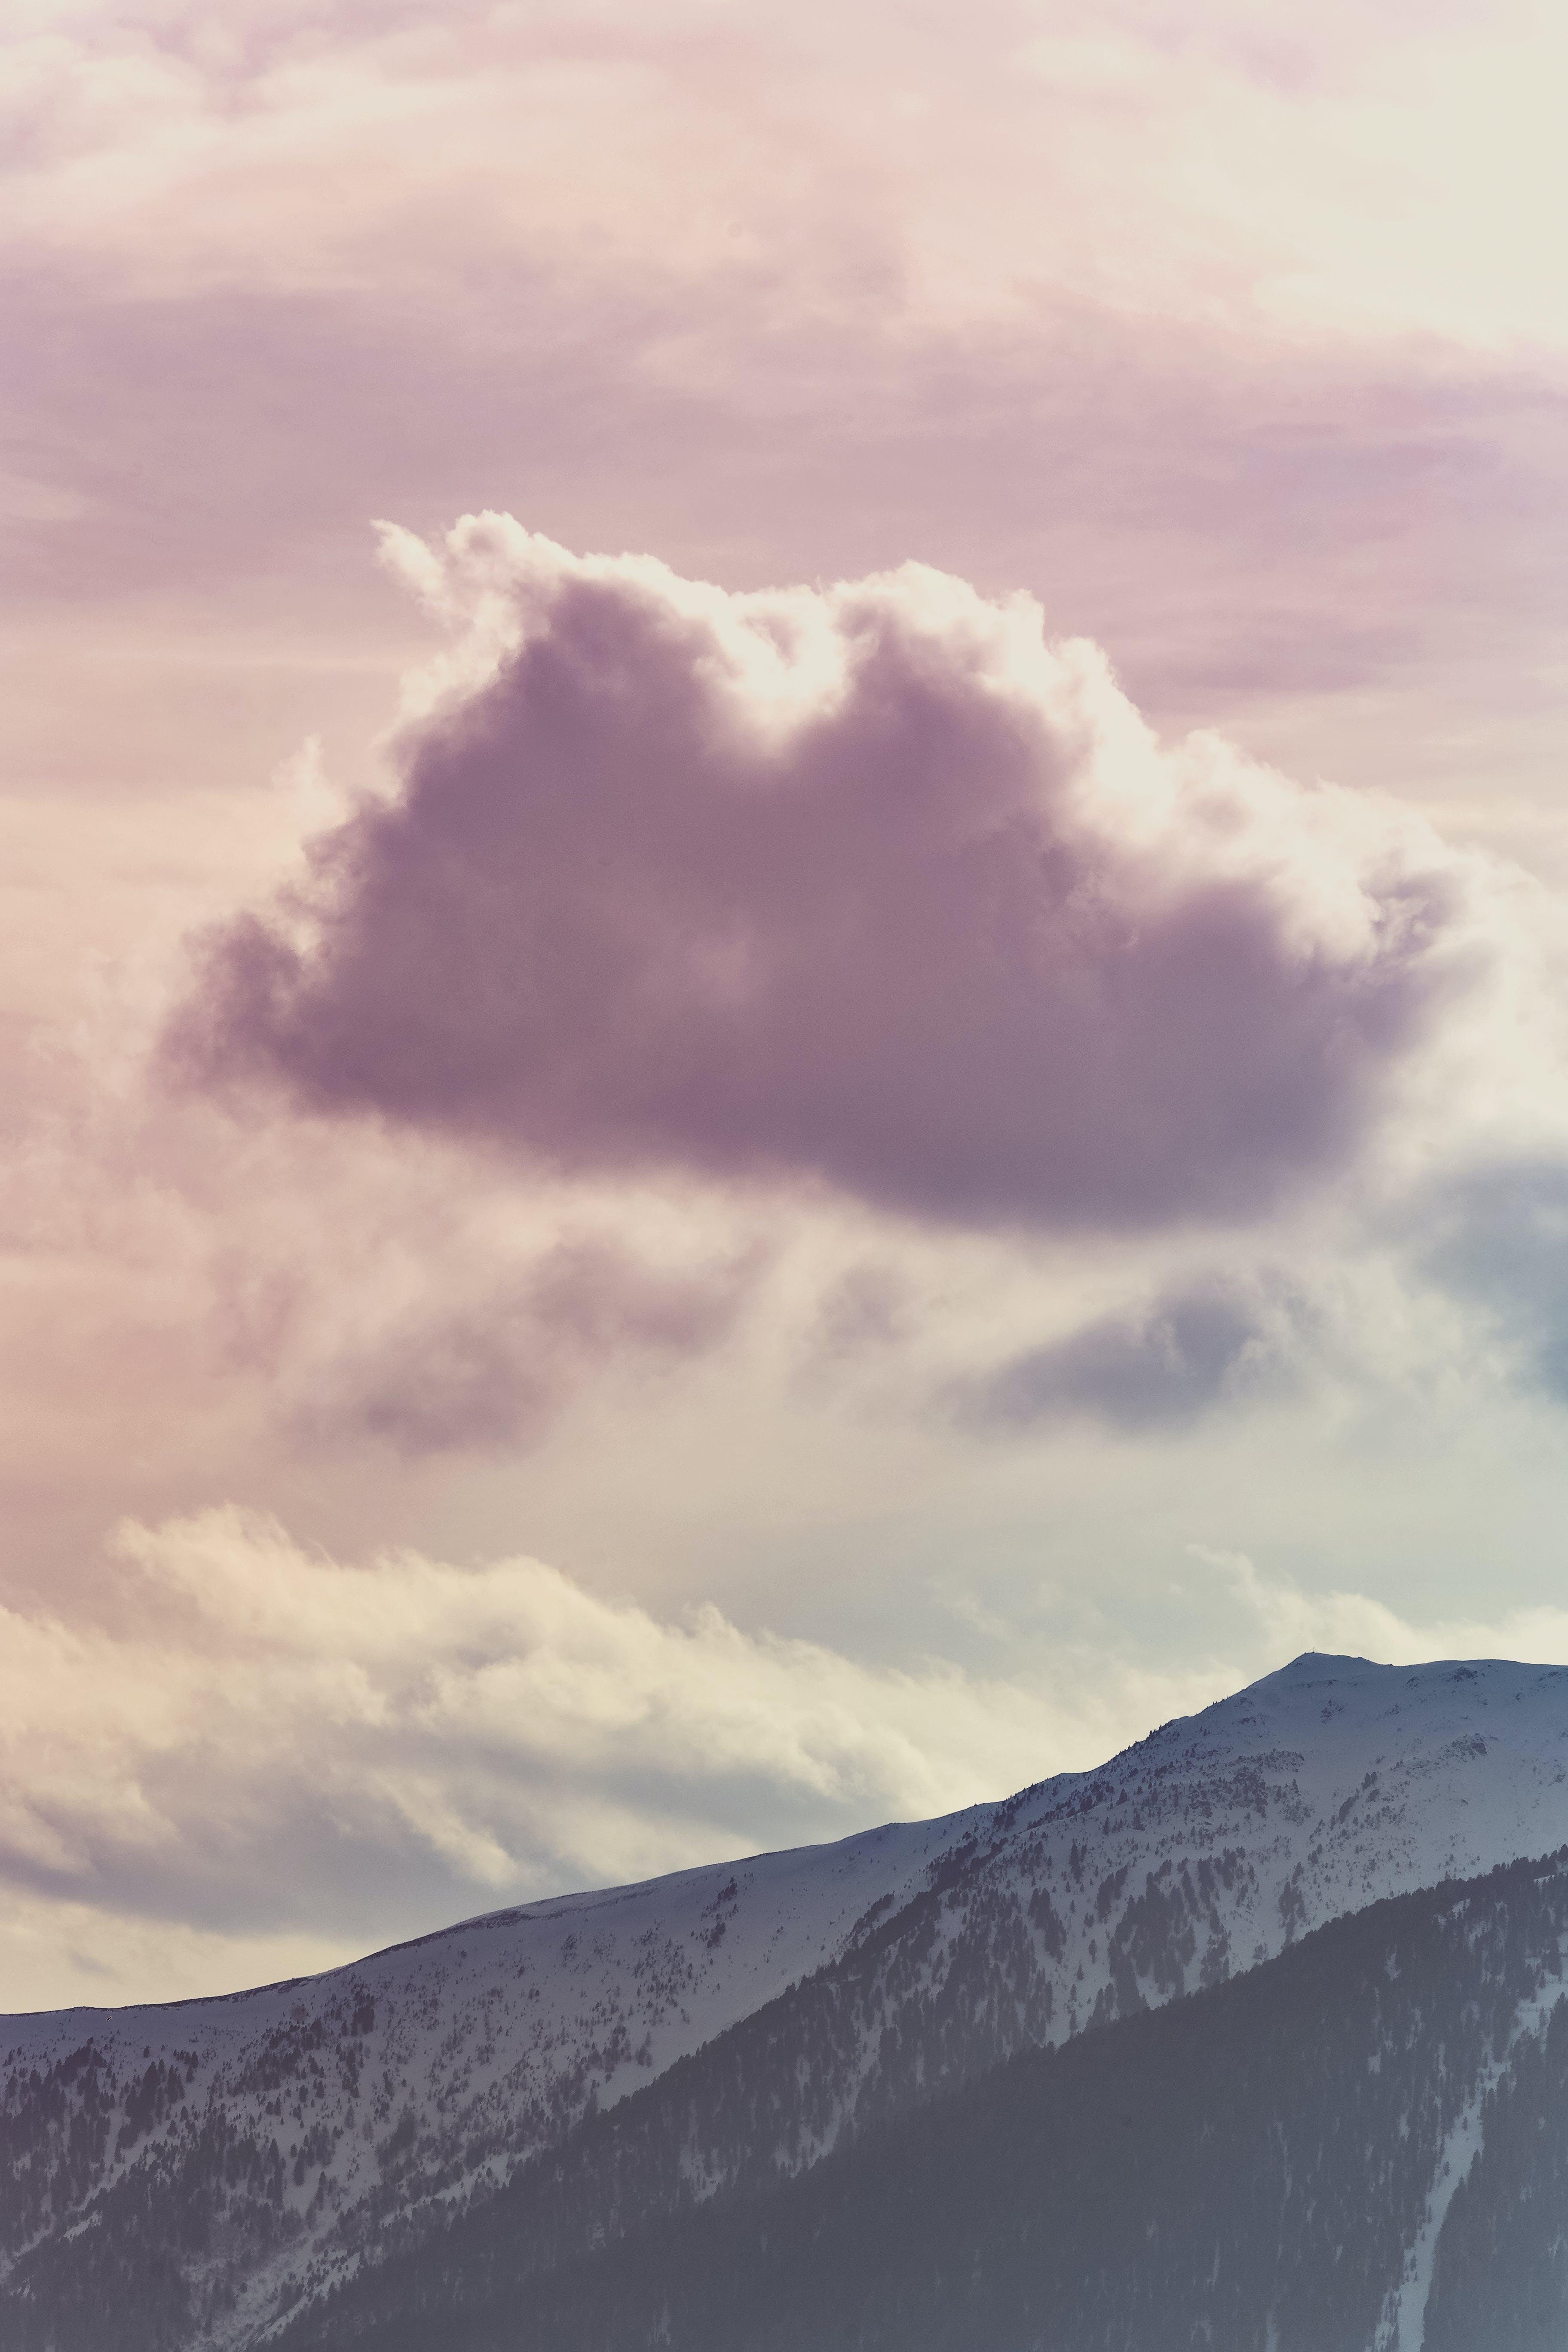 Δωρεάν στοκ φωτογραφιών με βουνό, γραφικός, περιβάλλον, σε εξωτερικό χώρο